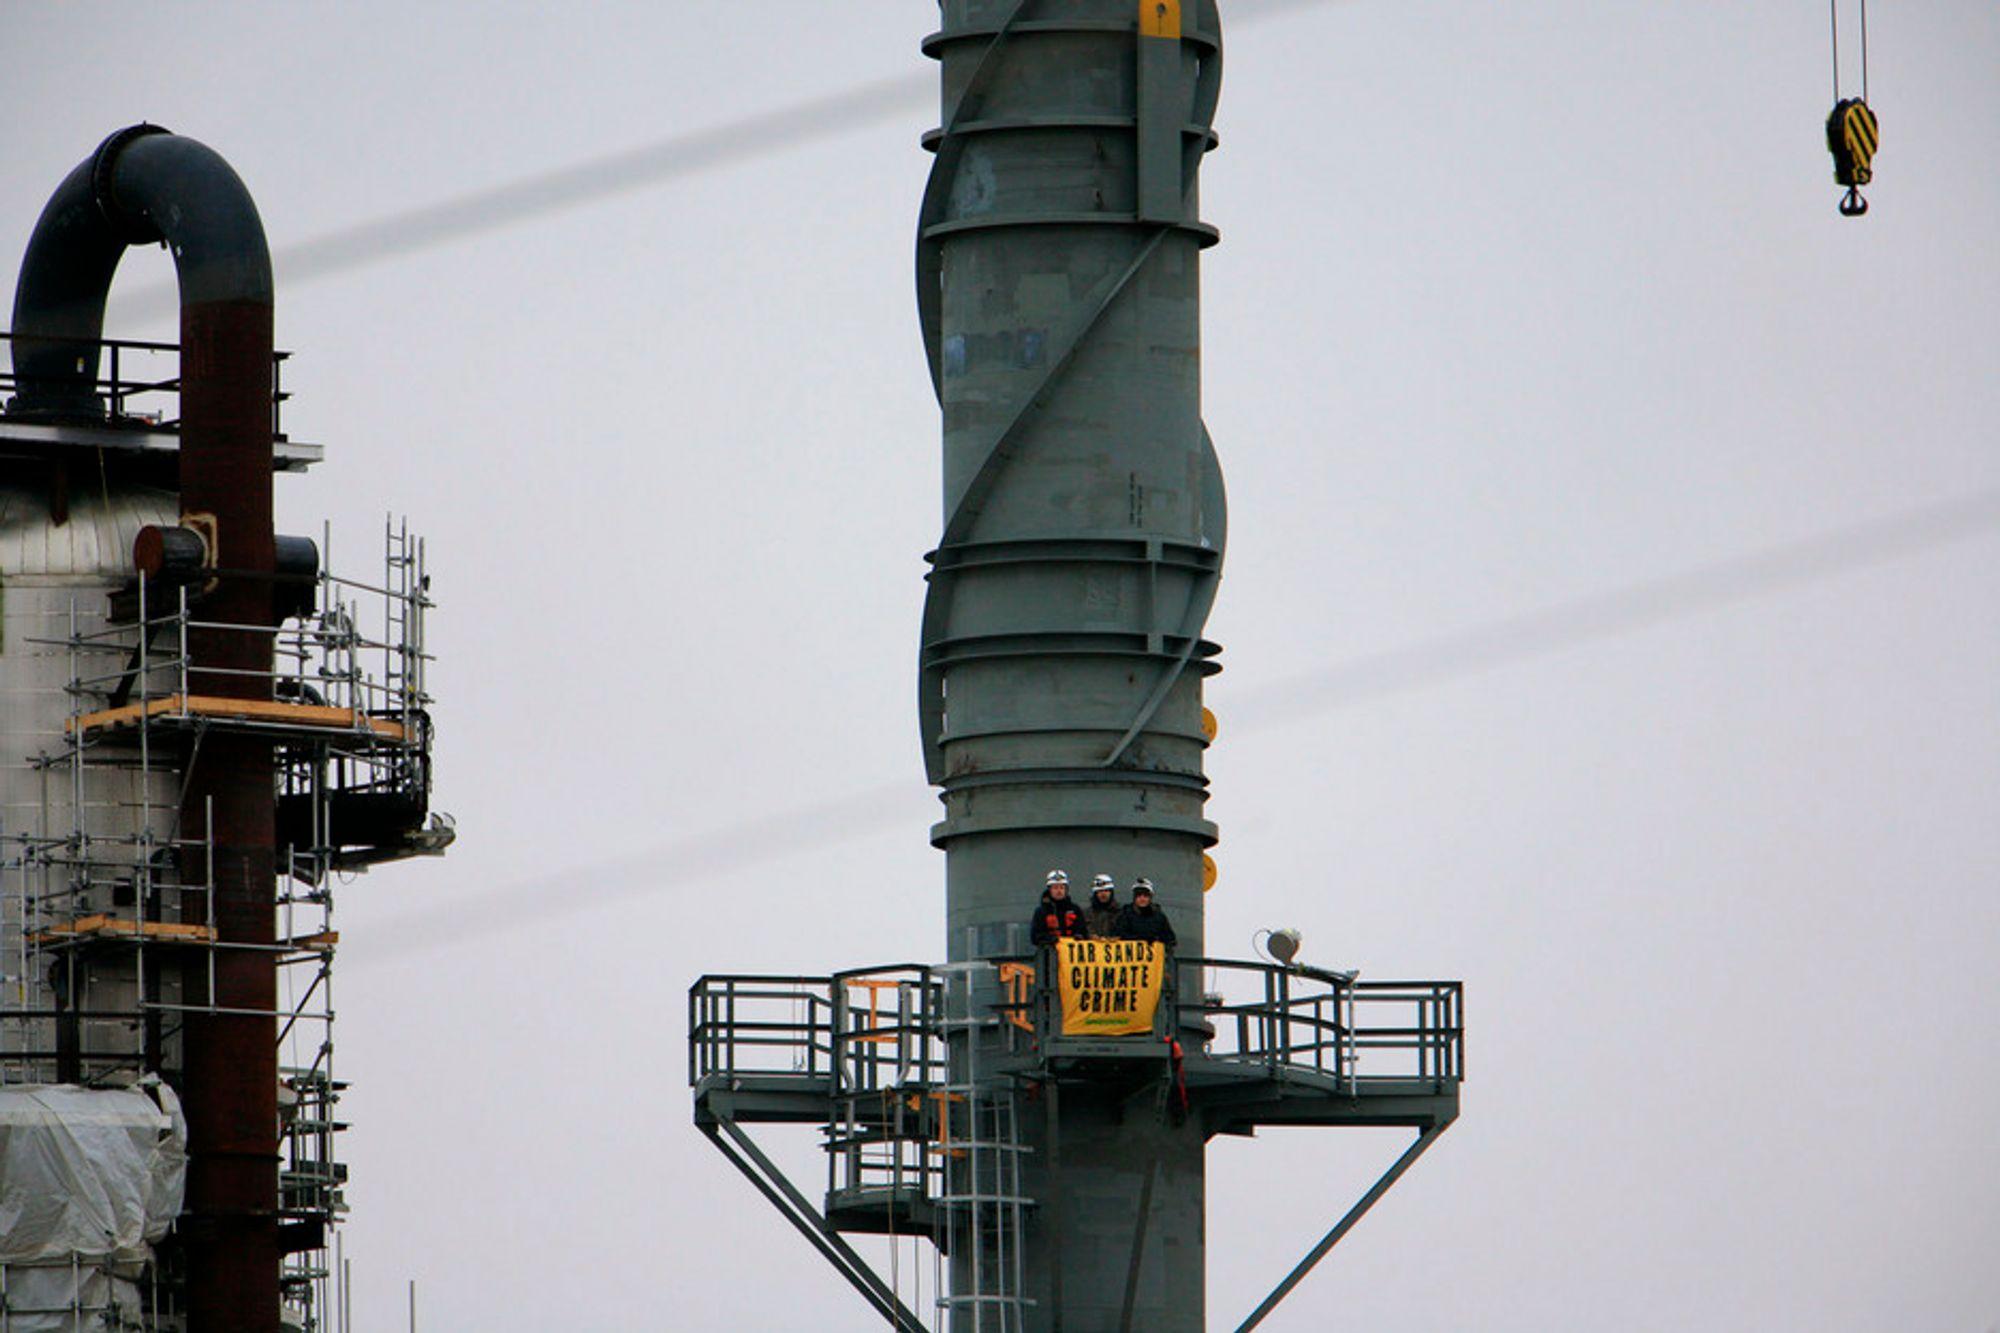 Aksjon: Greenpeace okkuperer Shells oljesandanlegg i Alberta, Canada.